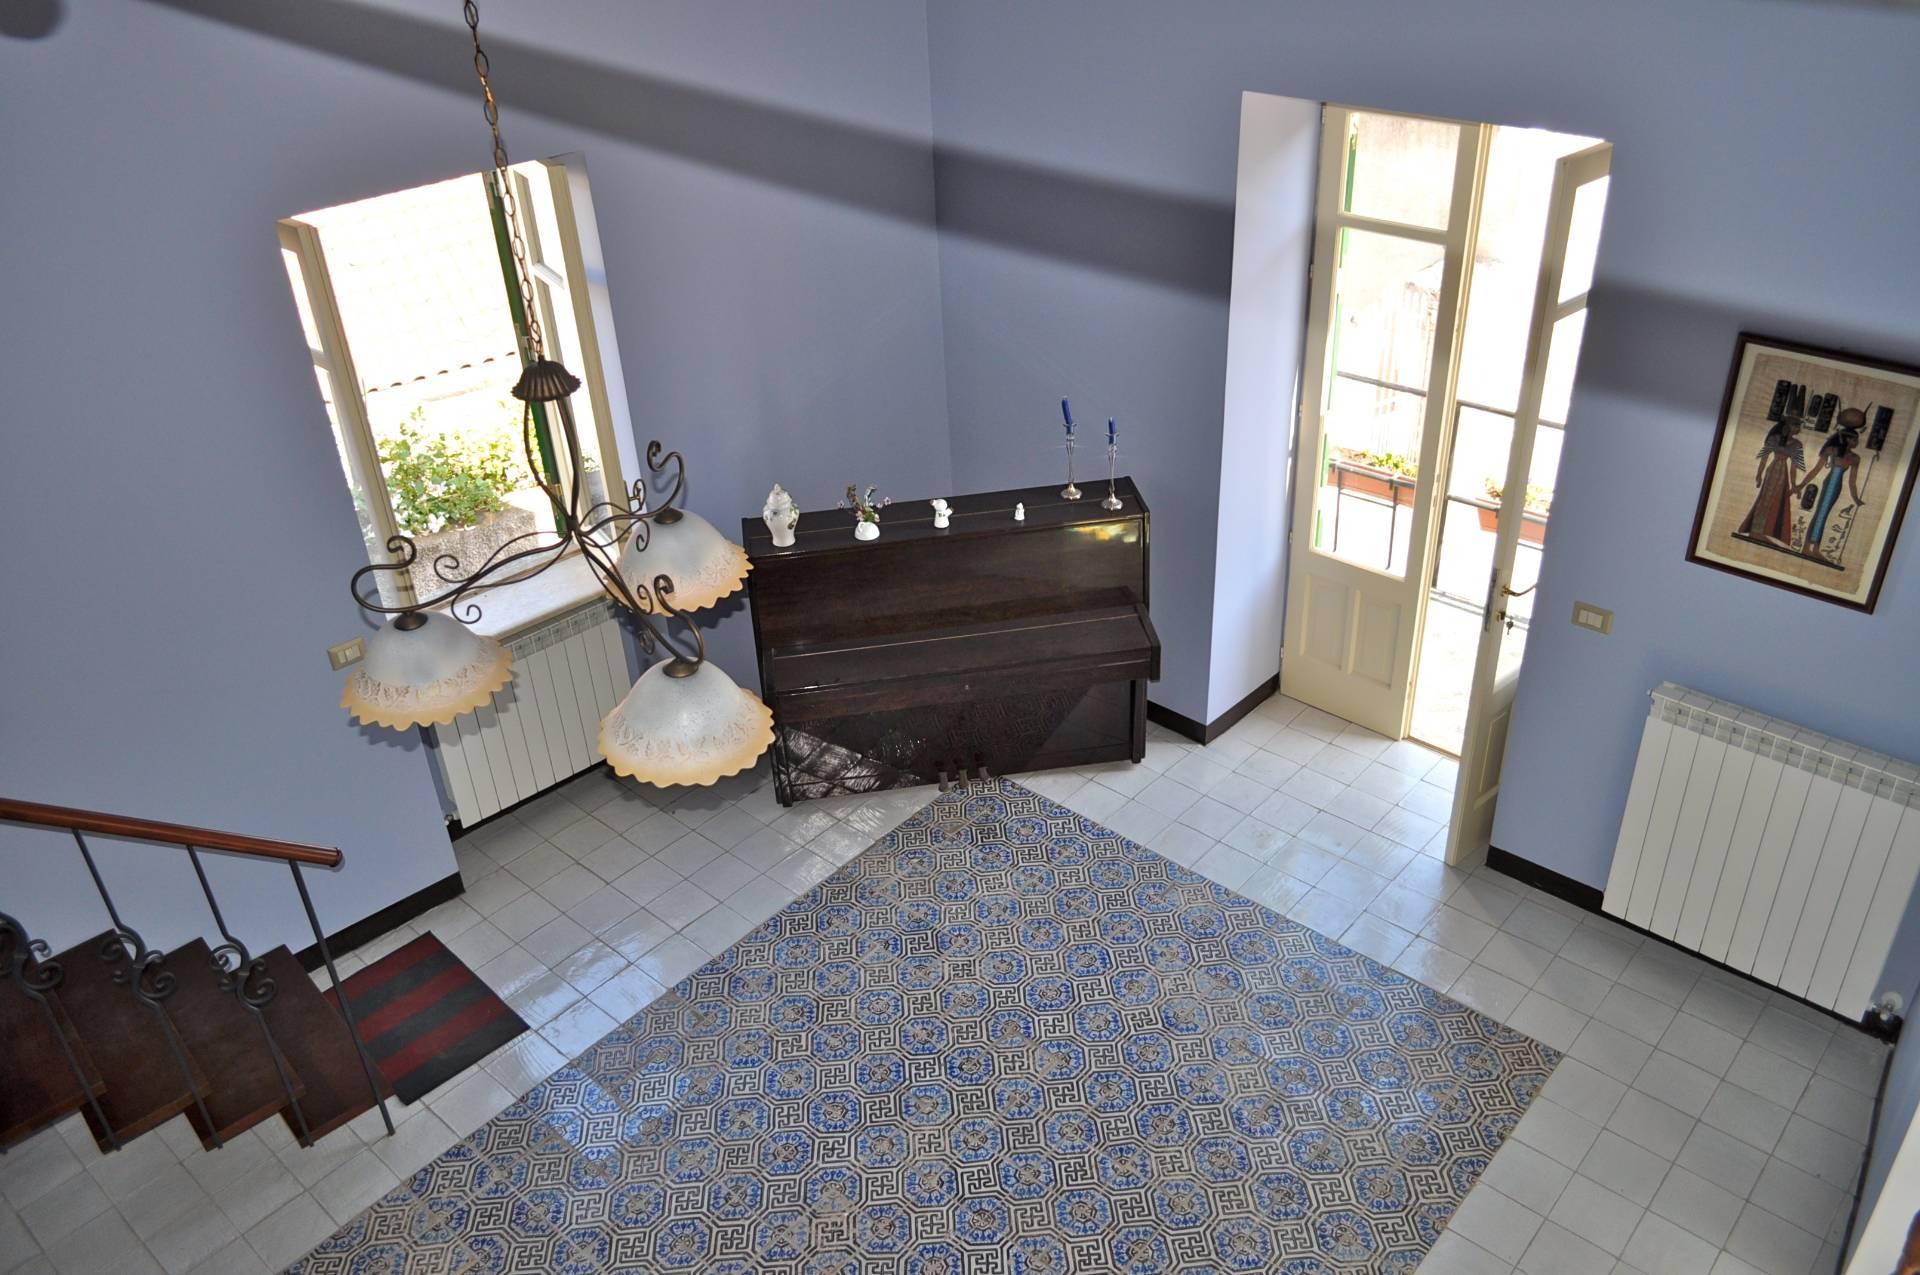 Appartamento in vendita a Milazzo, 3 locali, prezzo € 280.000 | PortaleAgenzieImmobiliari.it